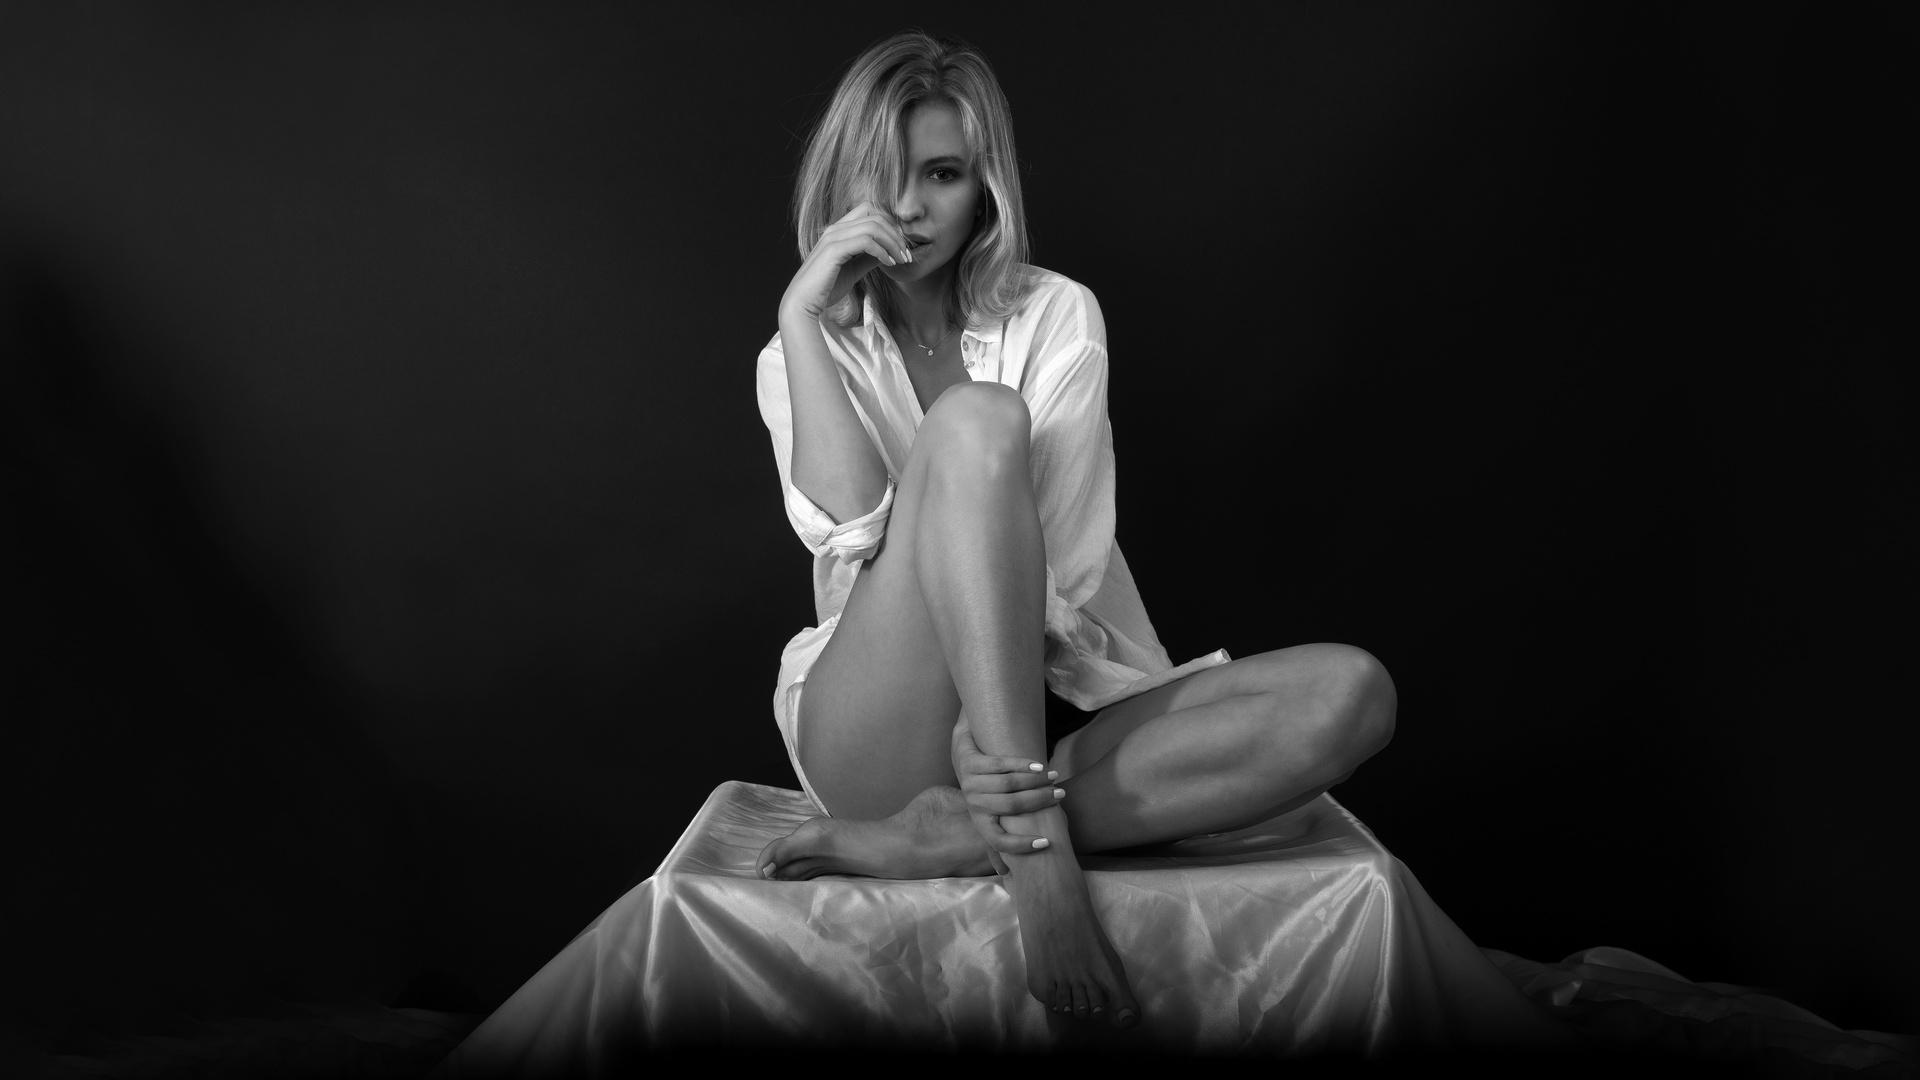 Natali Gaidysh